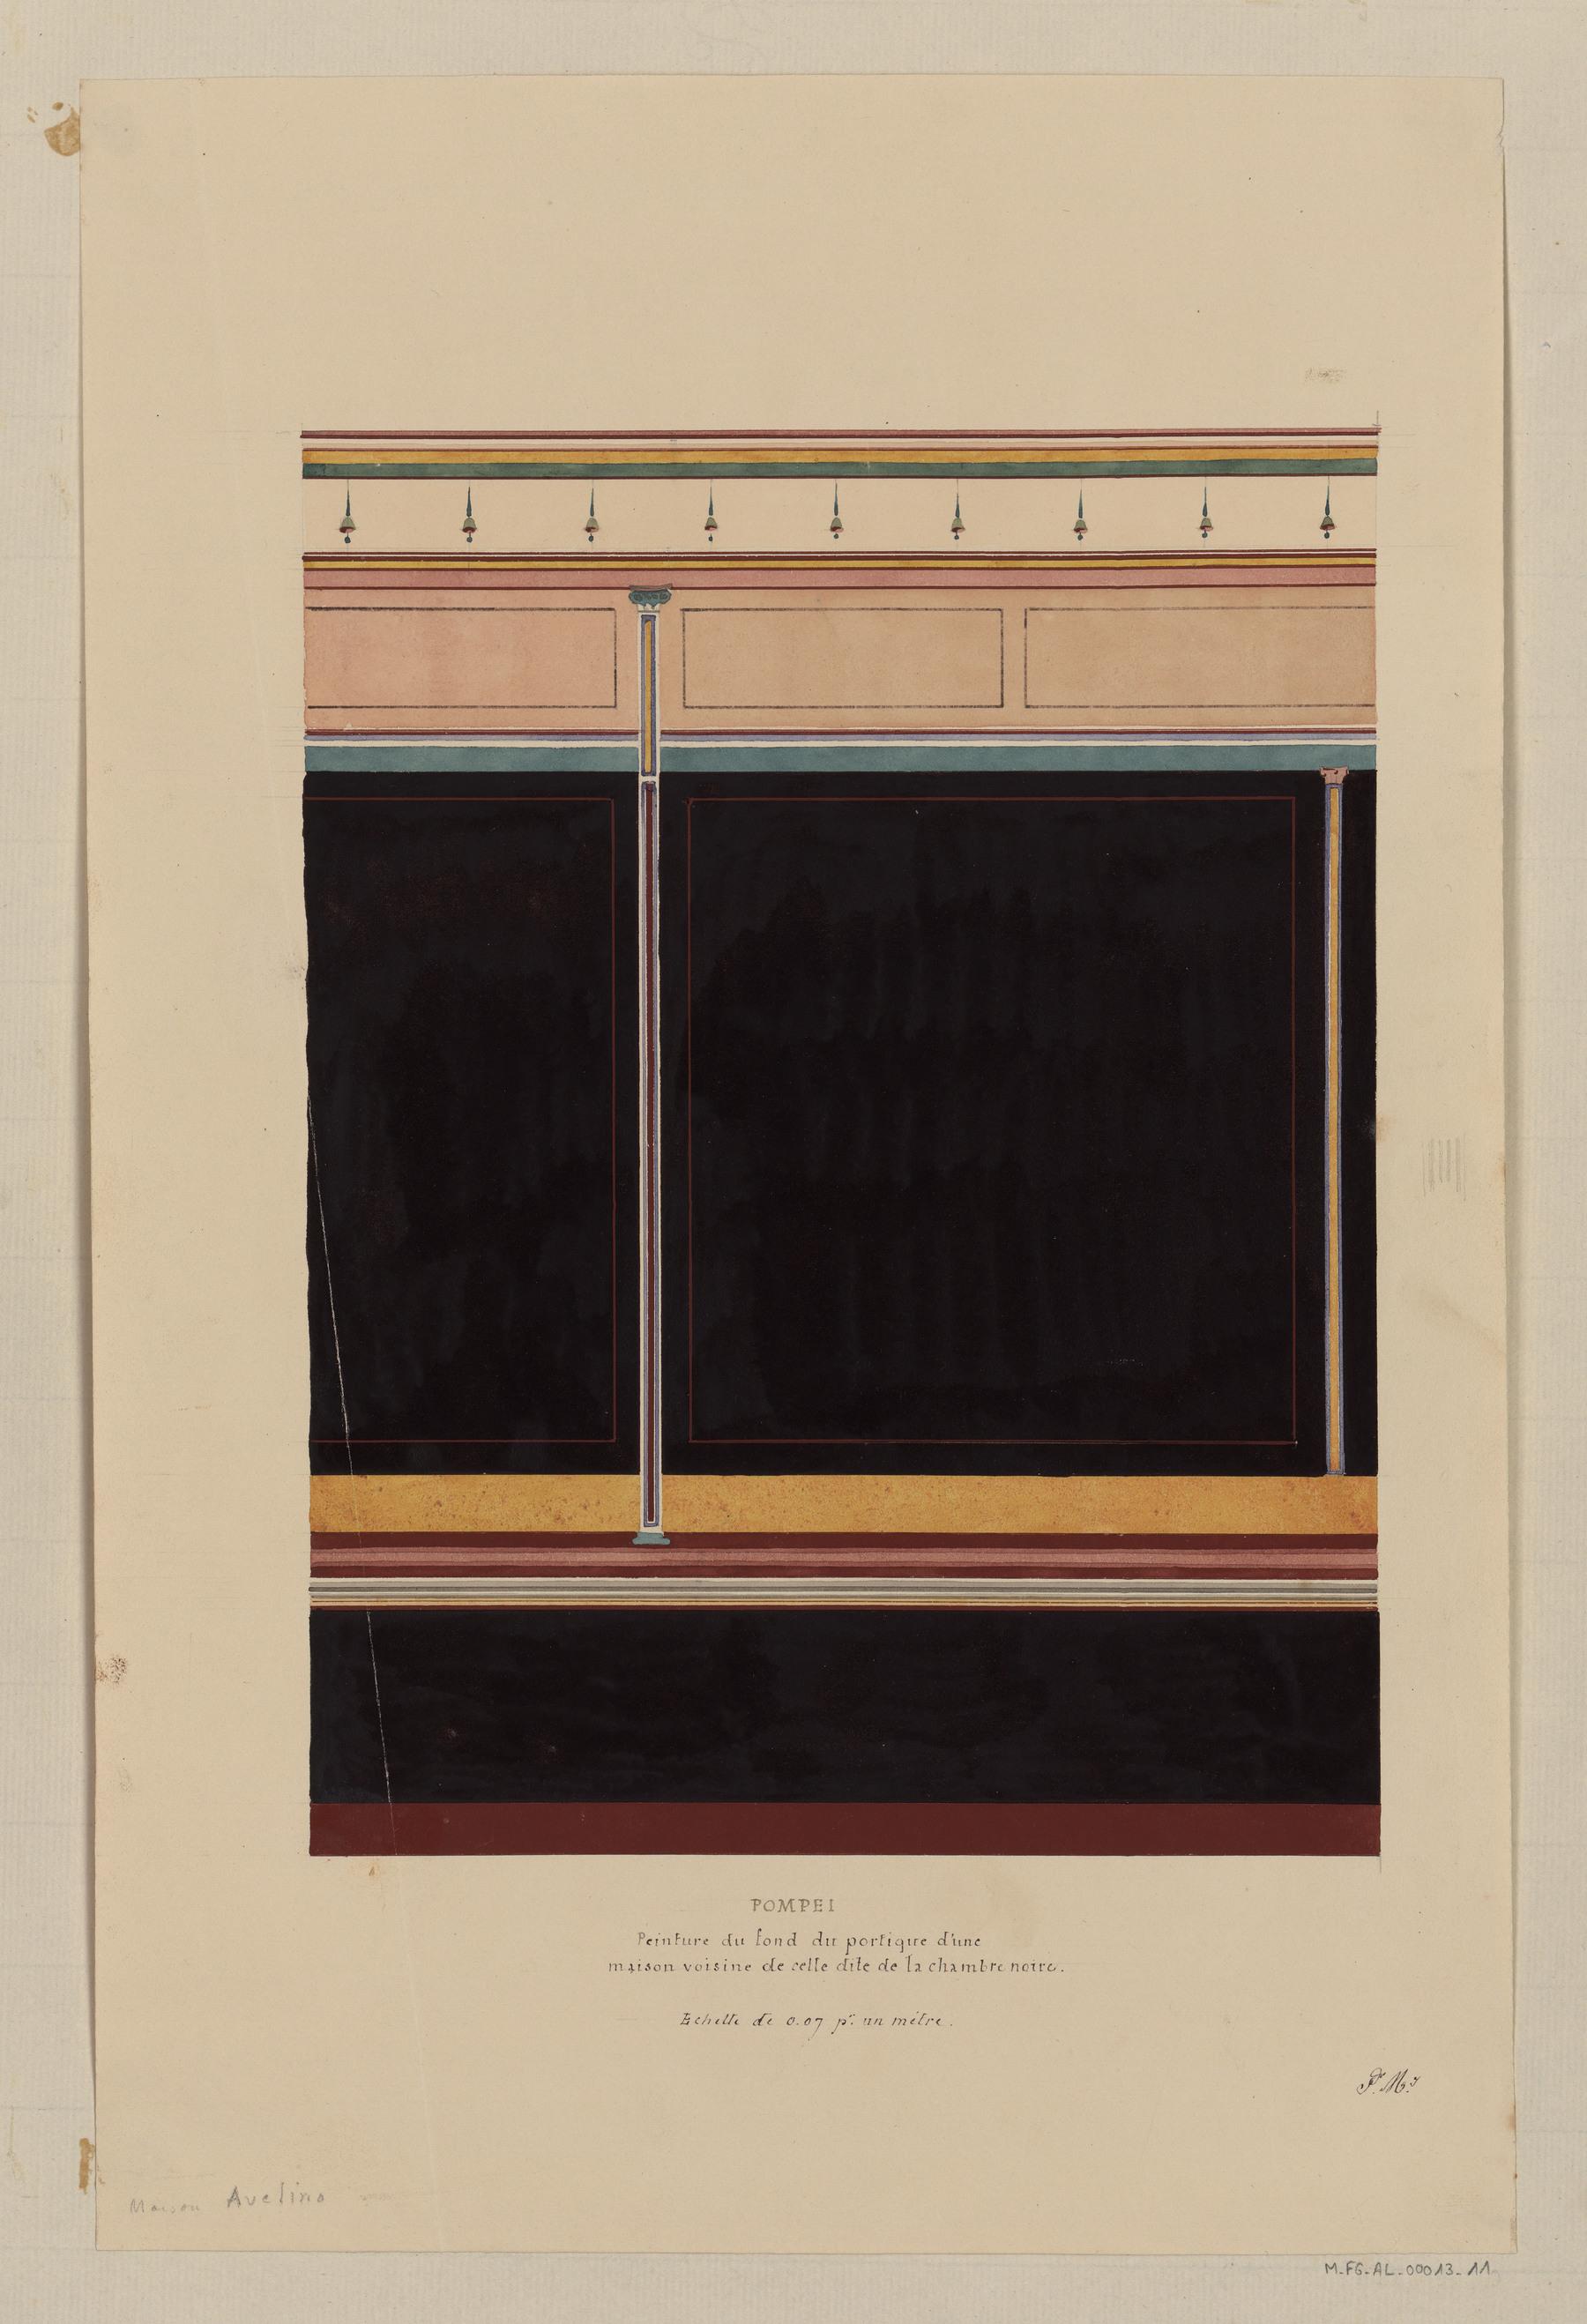 Contenu du Pompéi, peinture du fond du portique d'une maison voisine de celle dite de la chambre noire